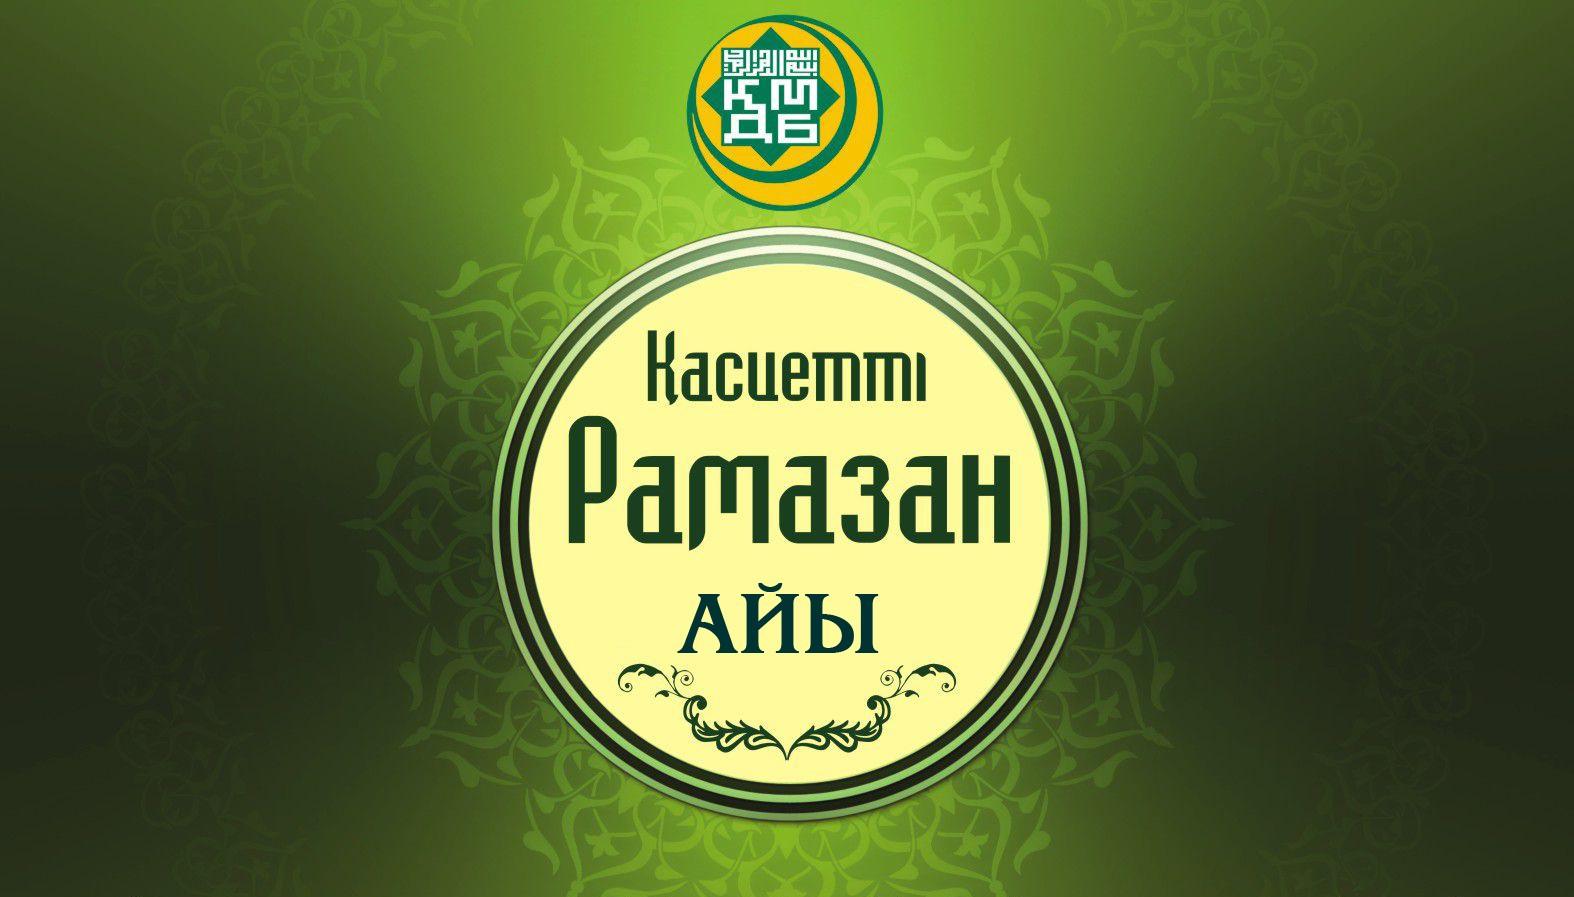 Рамазан қандай ай?